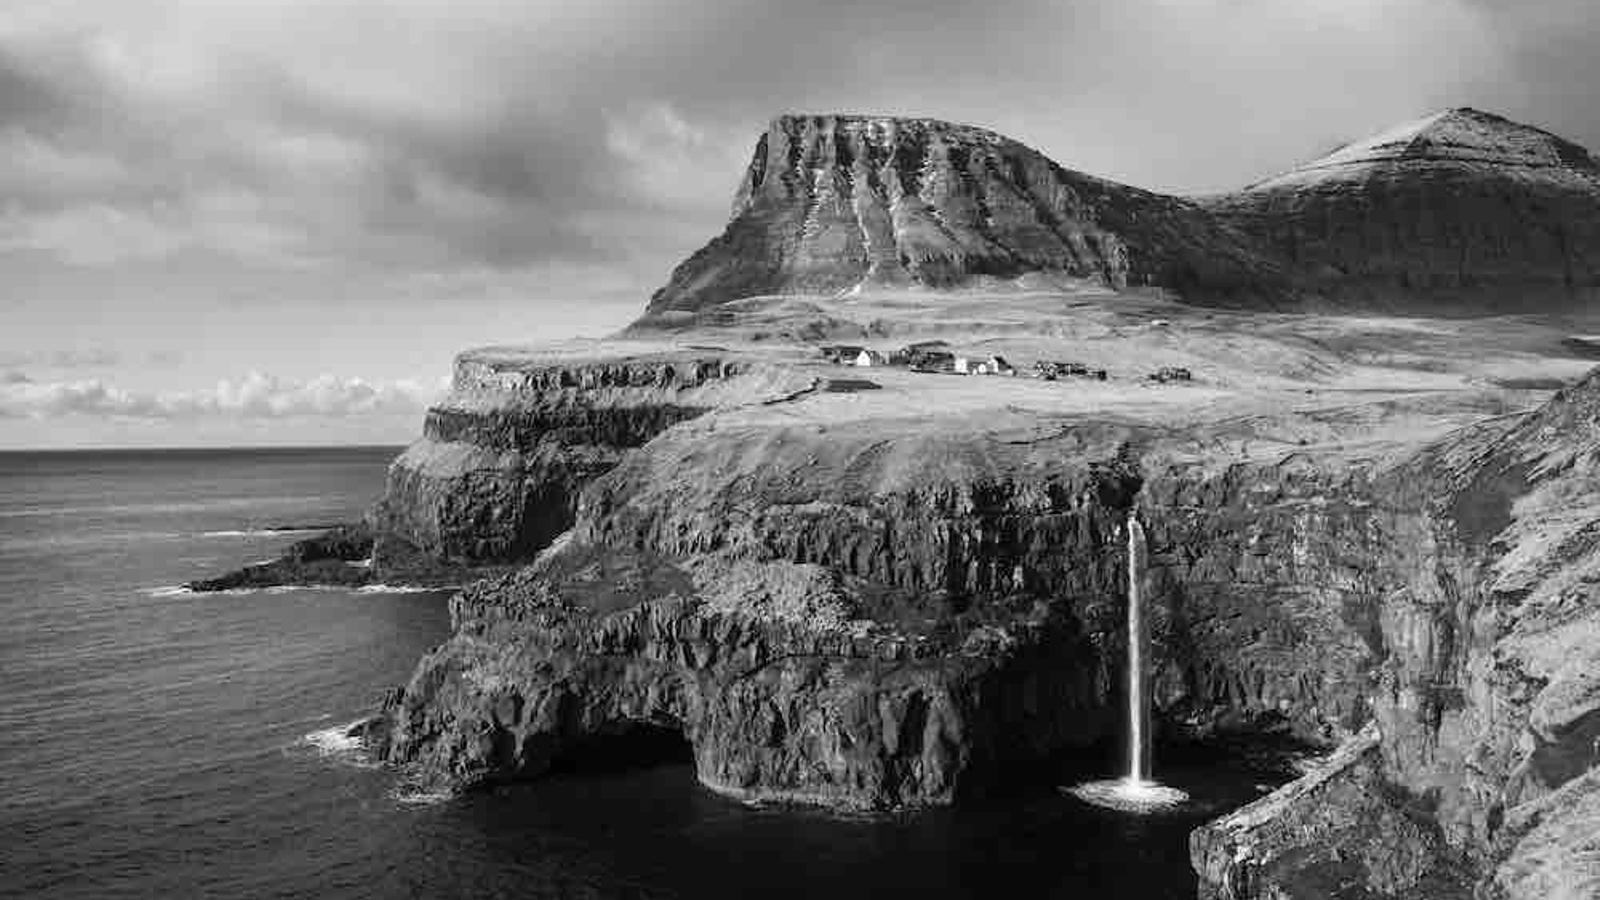 Les Fèroe tenen més de mil quilòmetres de costa, amb una morfologia rocosa plena de penya-segats . No hi ha cap lloc a l'interior de les illes que sigui a més de cinc quilòmetres de la costa, cosa que fa que la relació dels habitants amb el mar sigui molt estreta / Guillem Trius